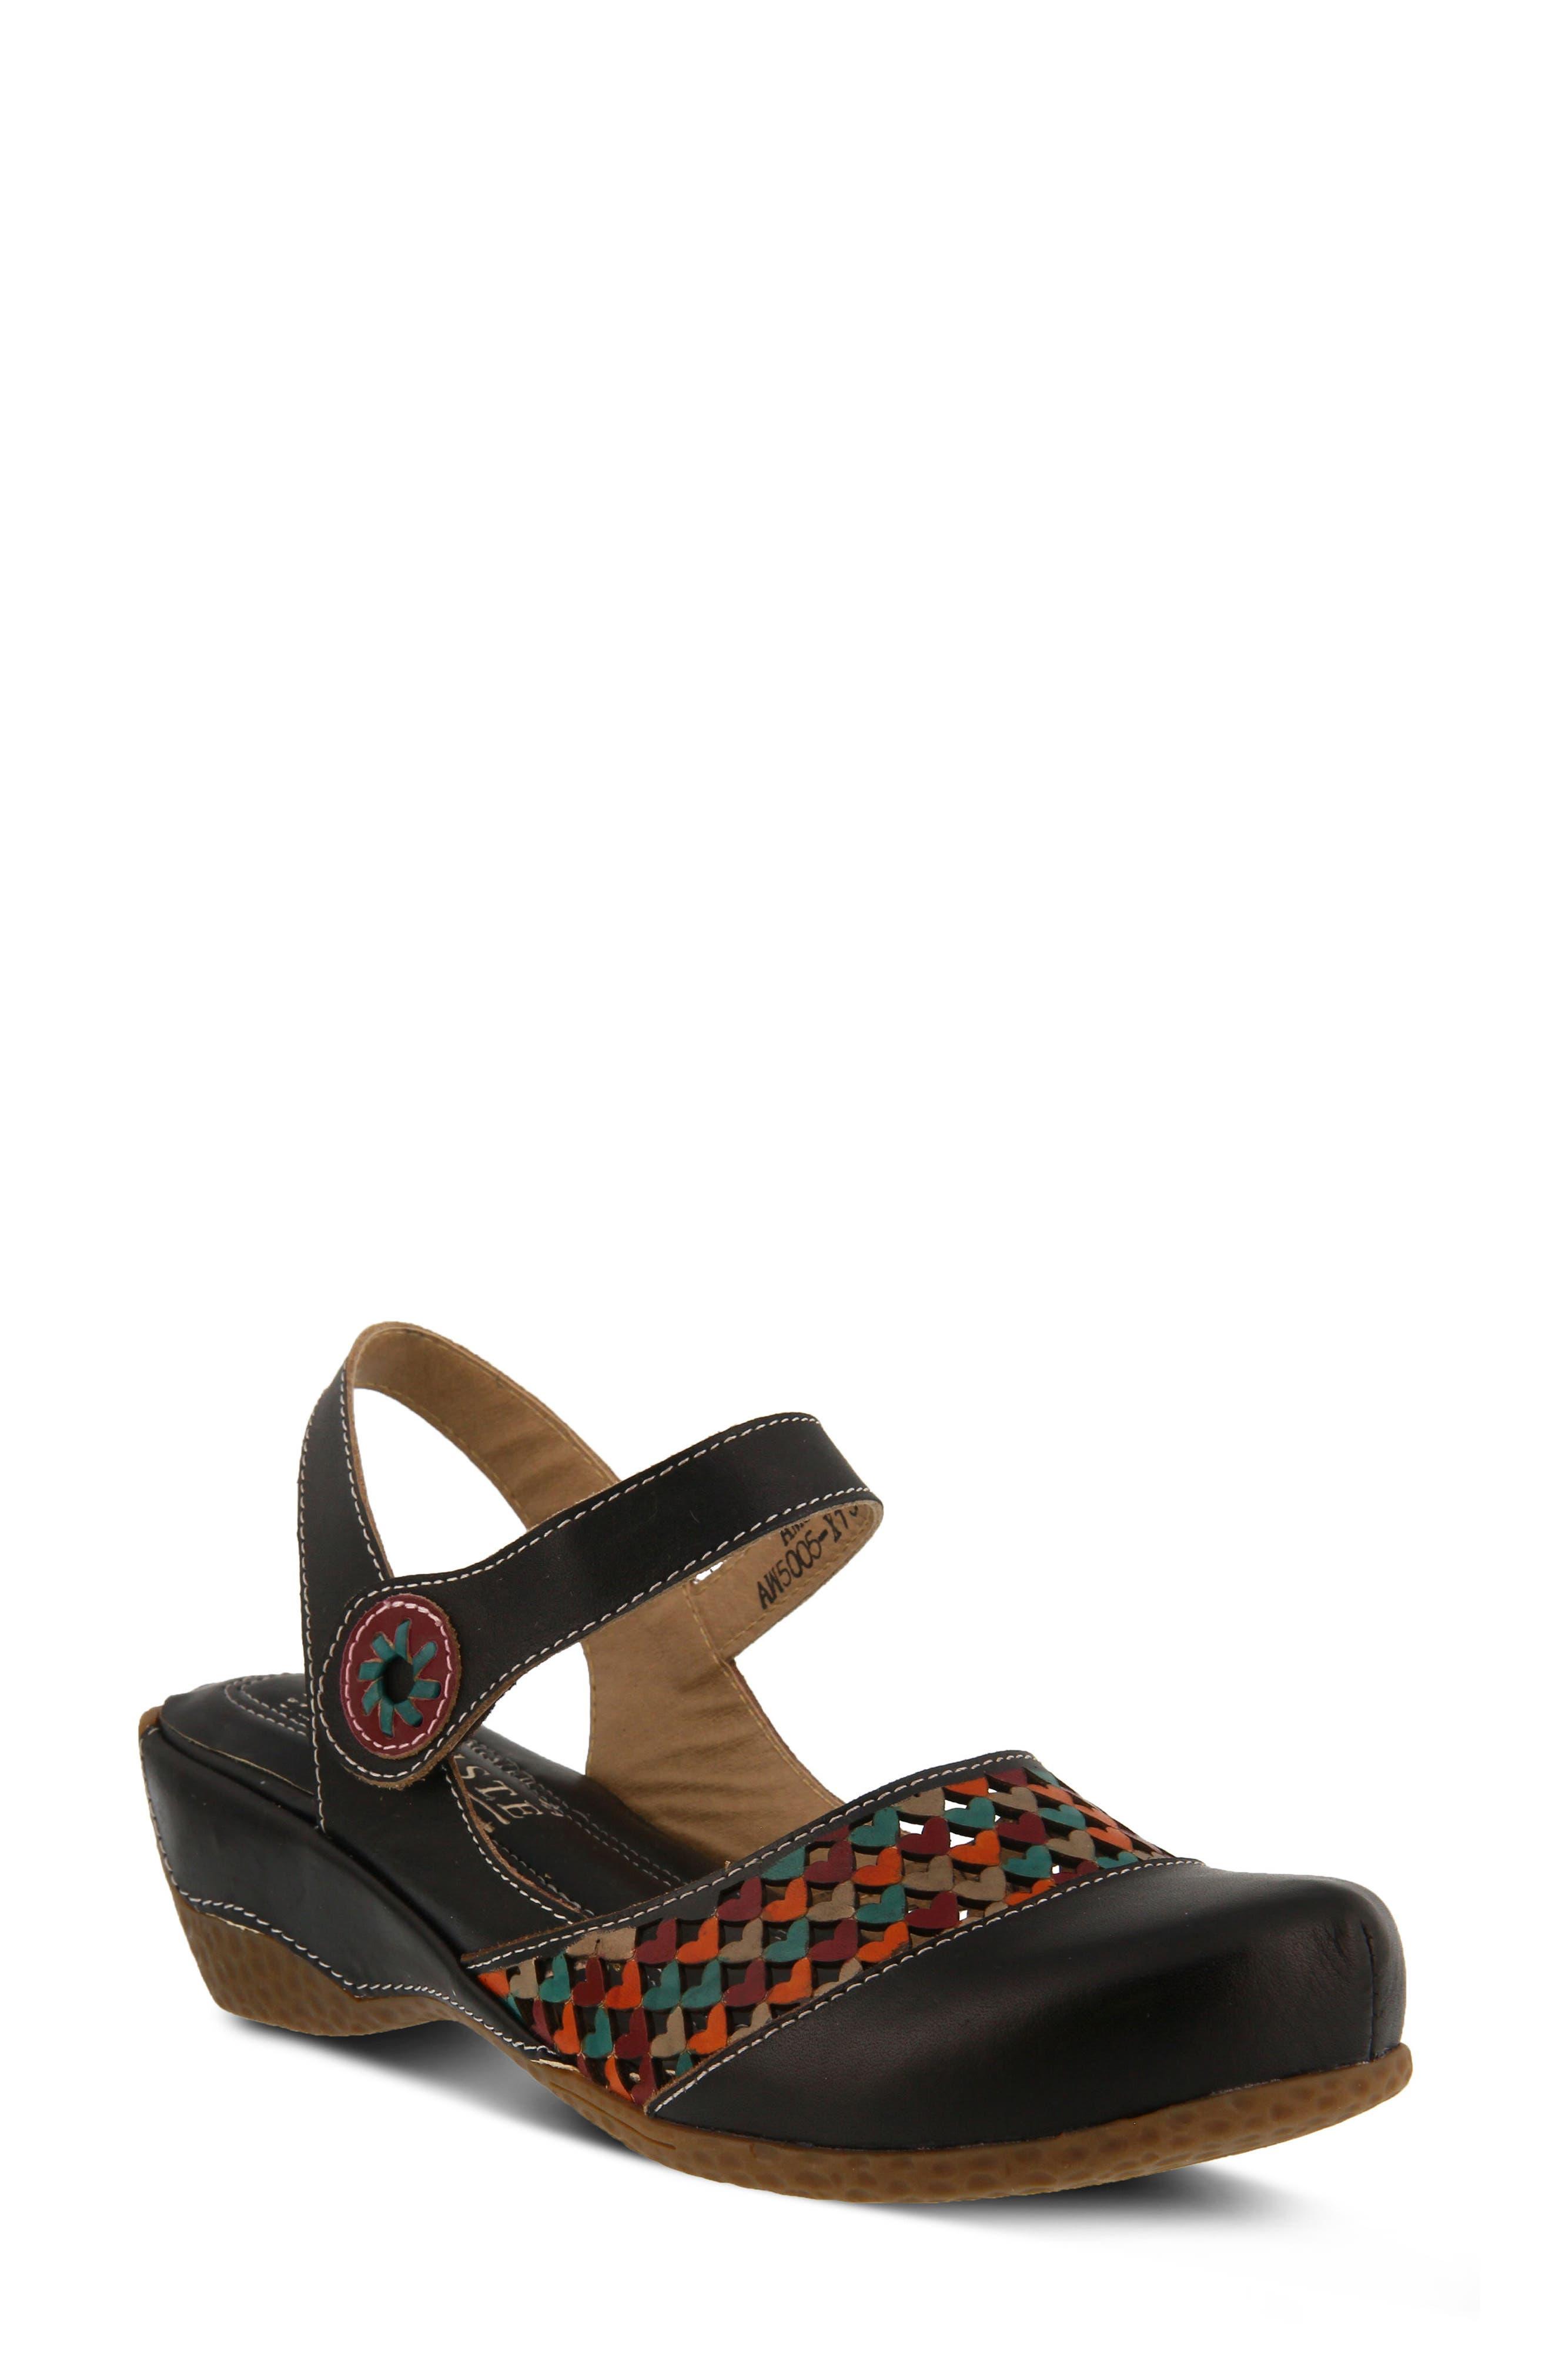 L'Artiste Amour Sandal,                         Main,                         color, BLACK LEATHER